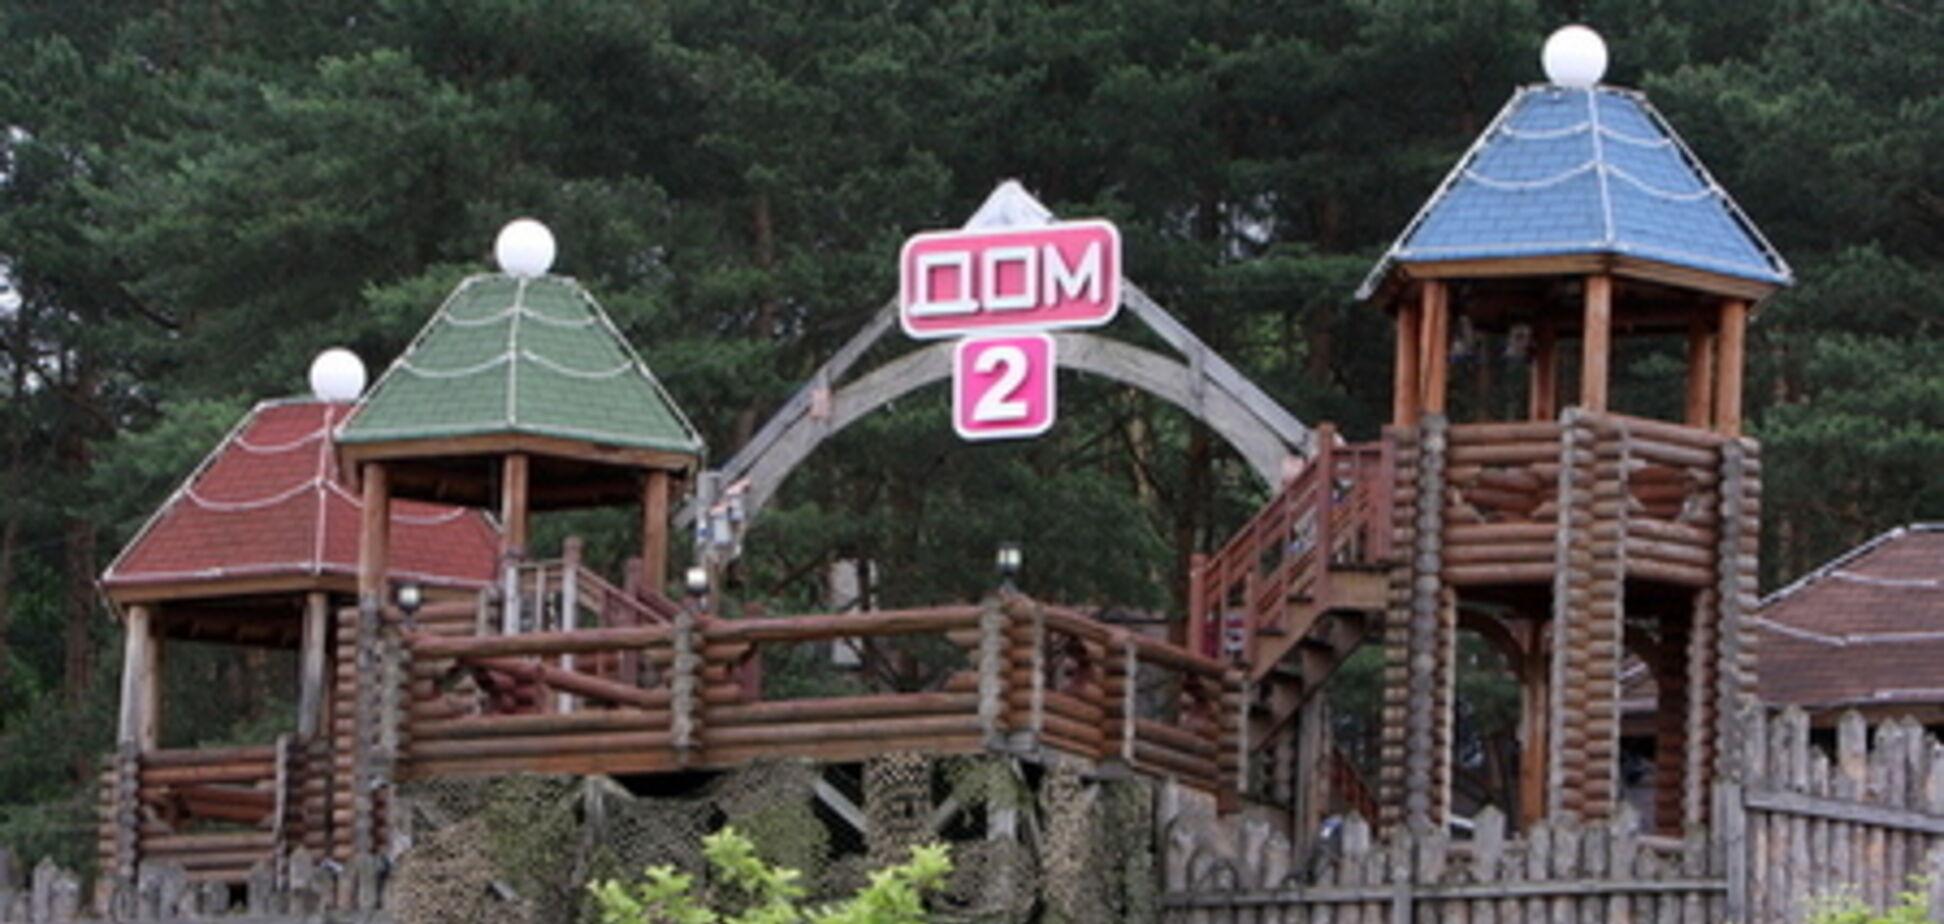 Культовое место съемок 'Дом-2' снесли: как теперь выглядит разрушенная площадка